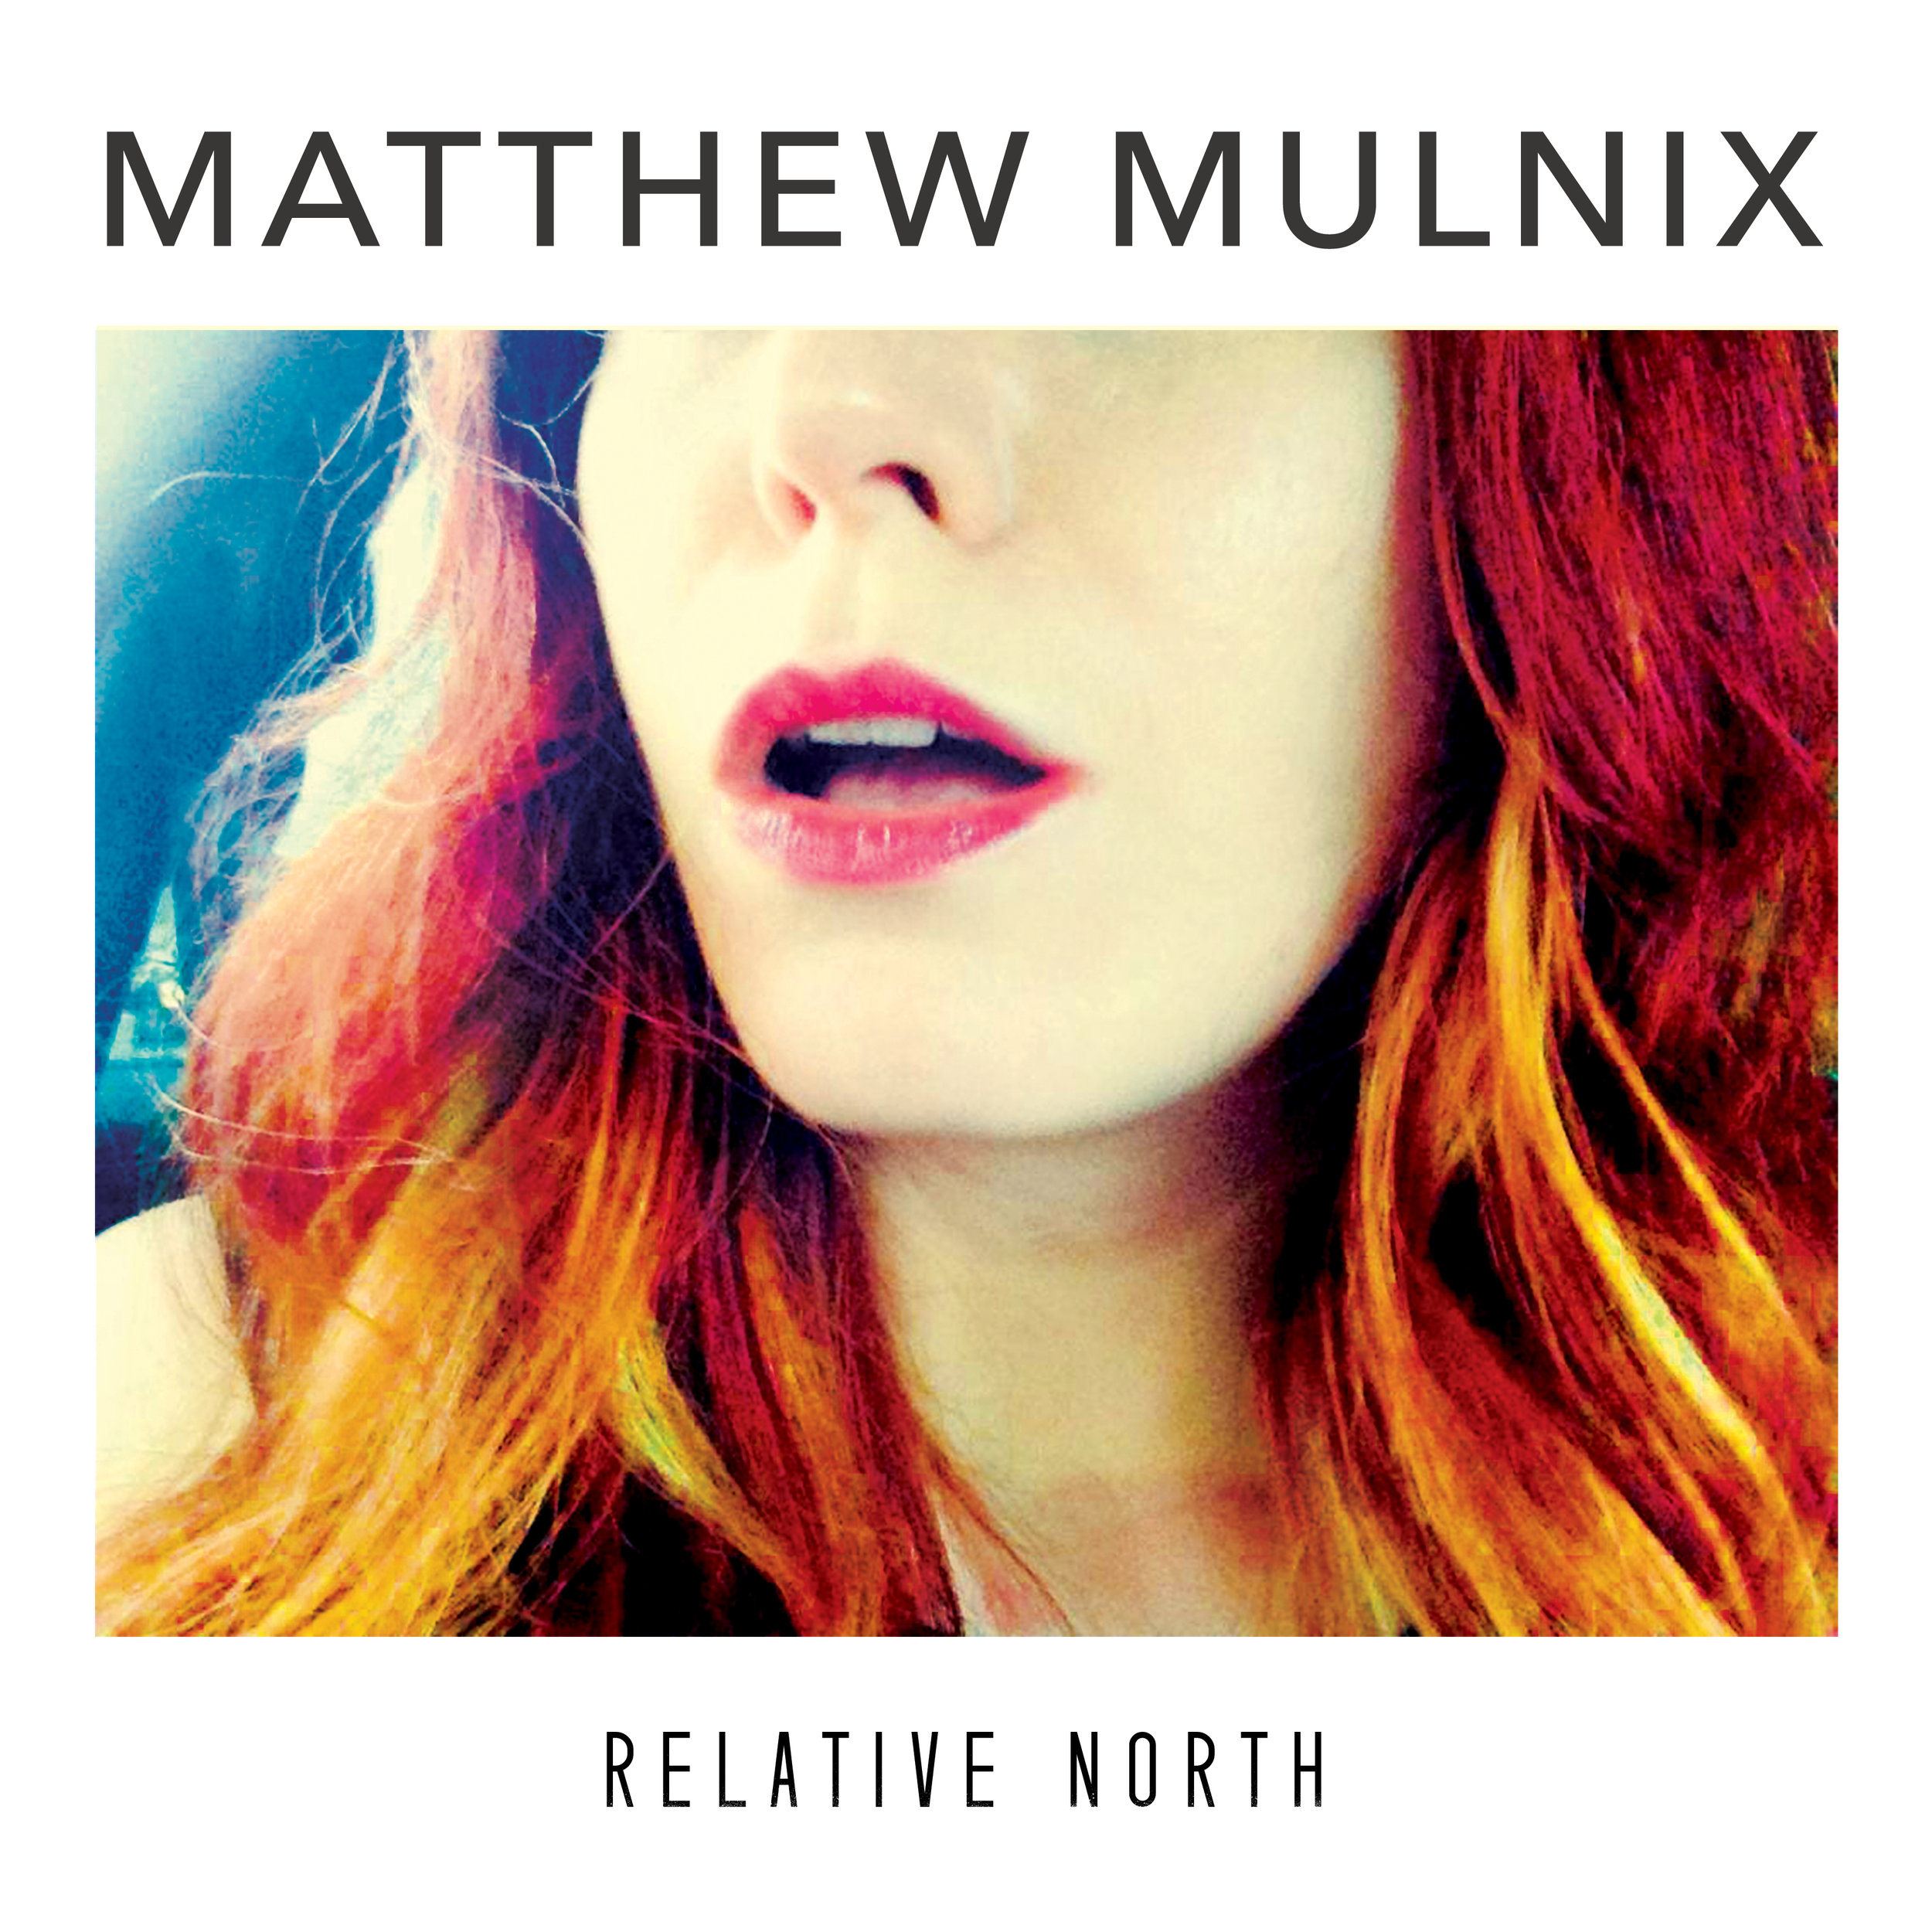 Relative North - Album Cover.jpg